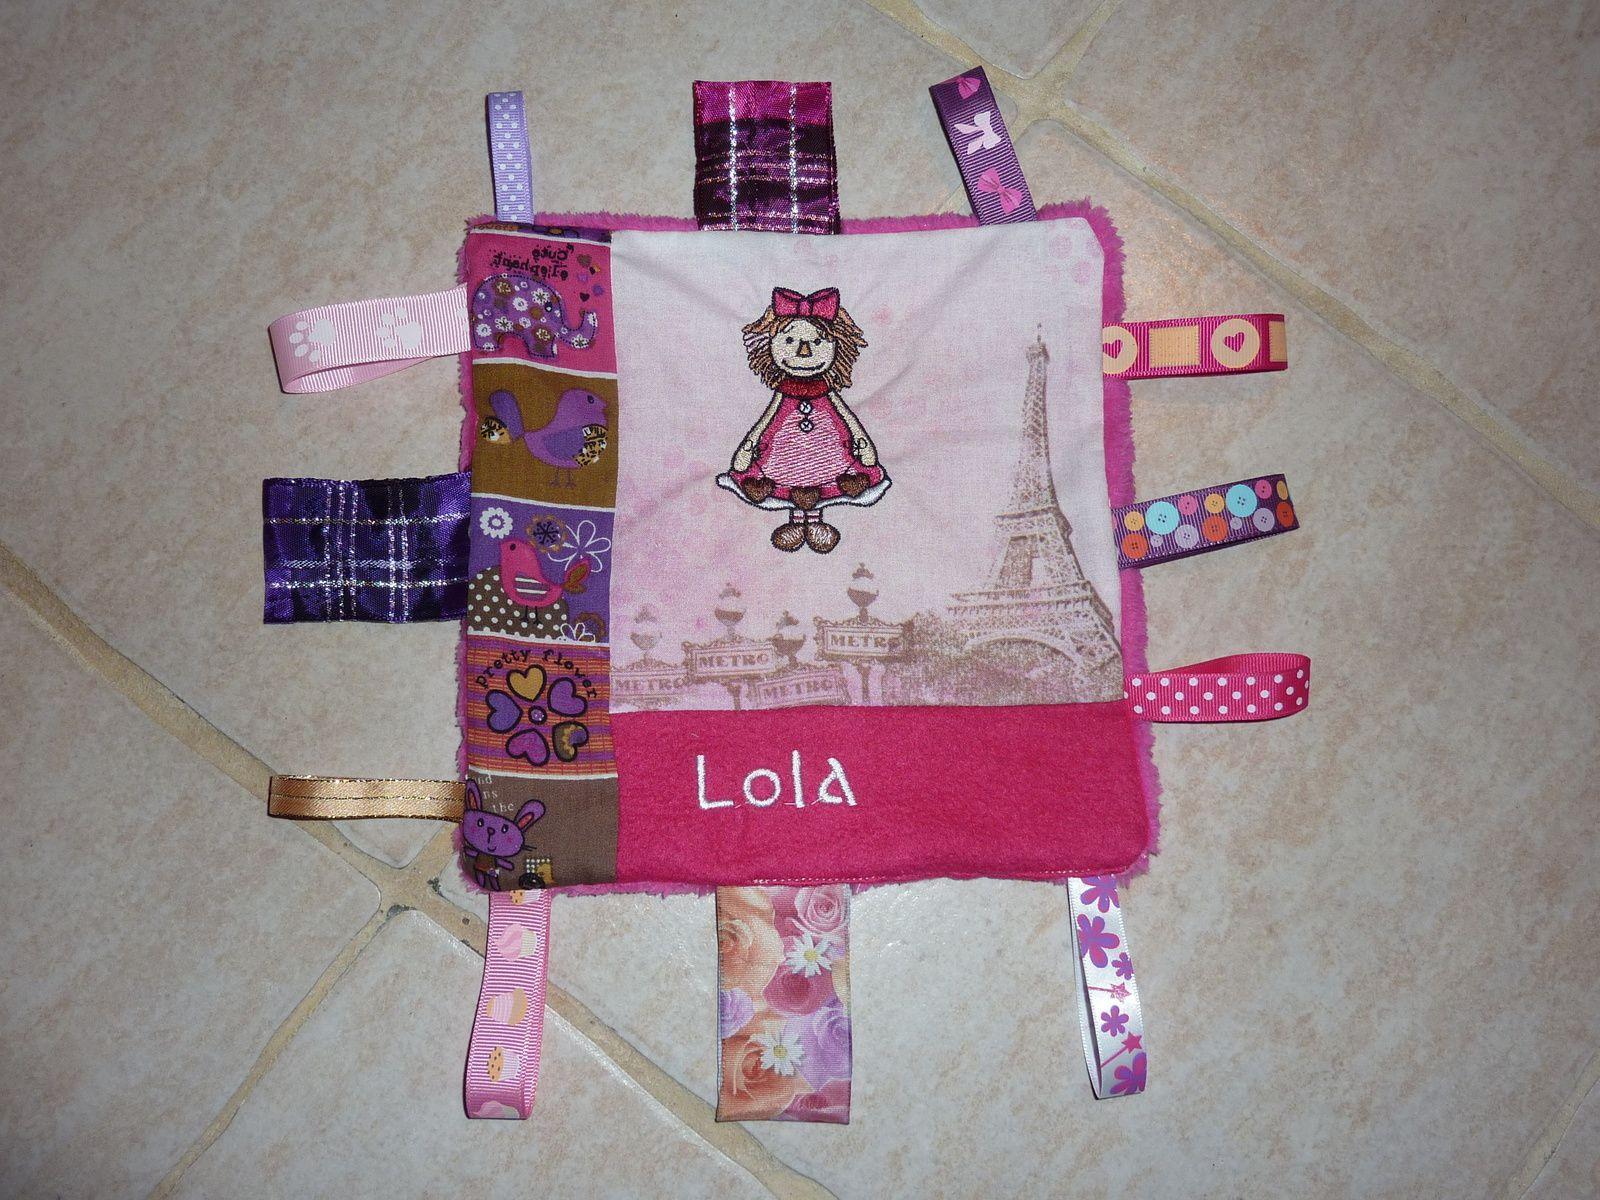 Le doudou de Miss Lola